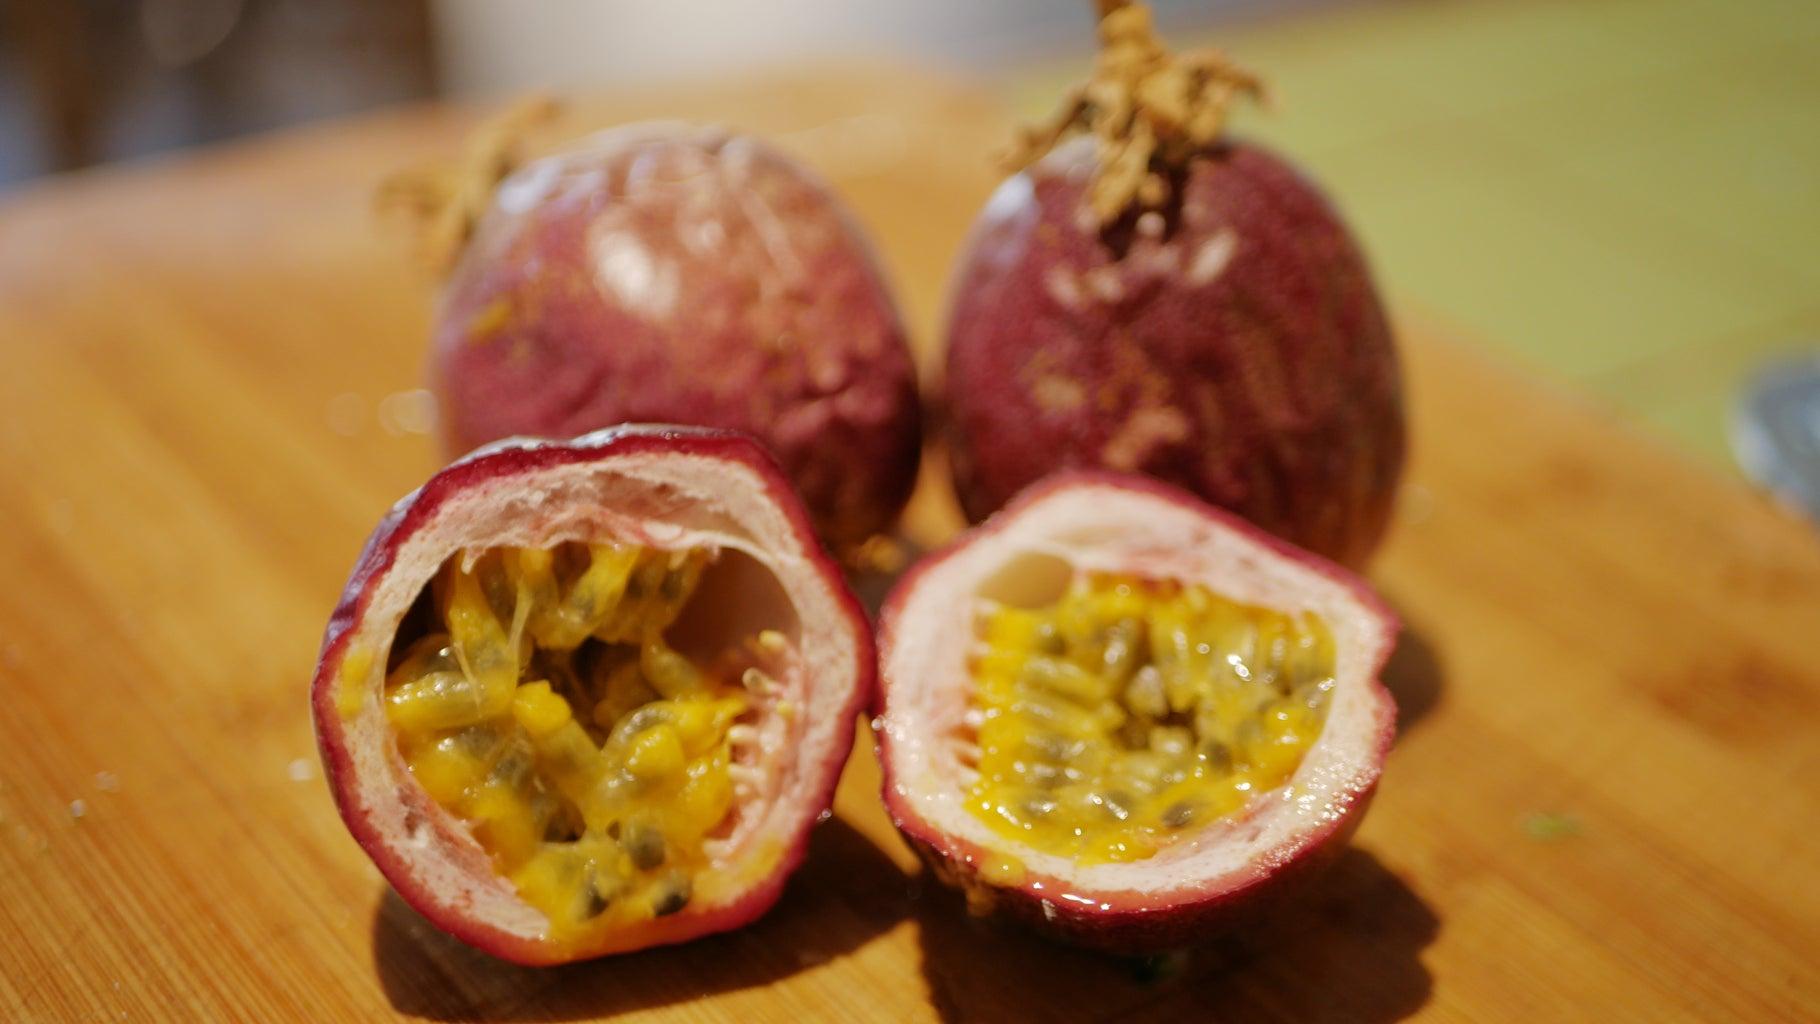 Prepare Passionfruit Pulp